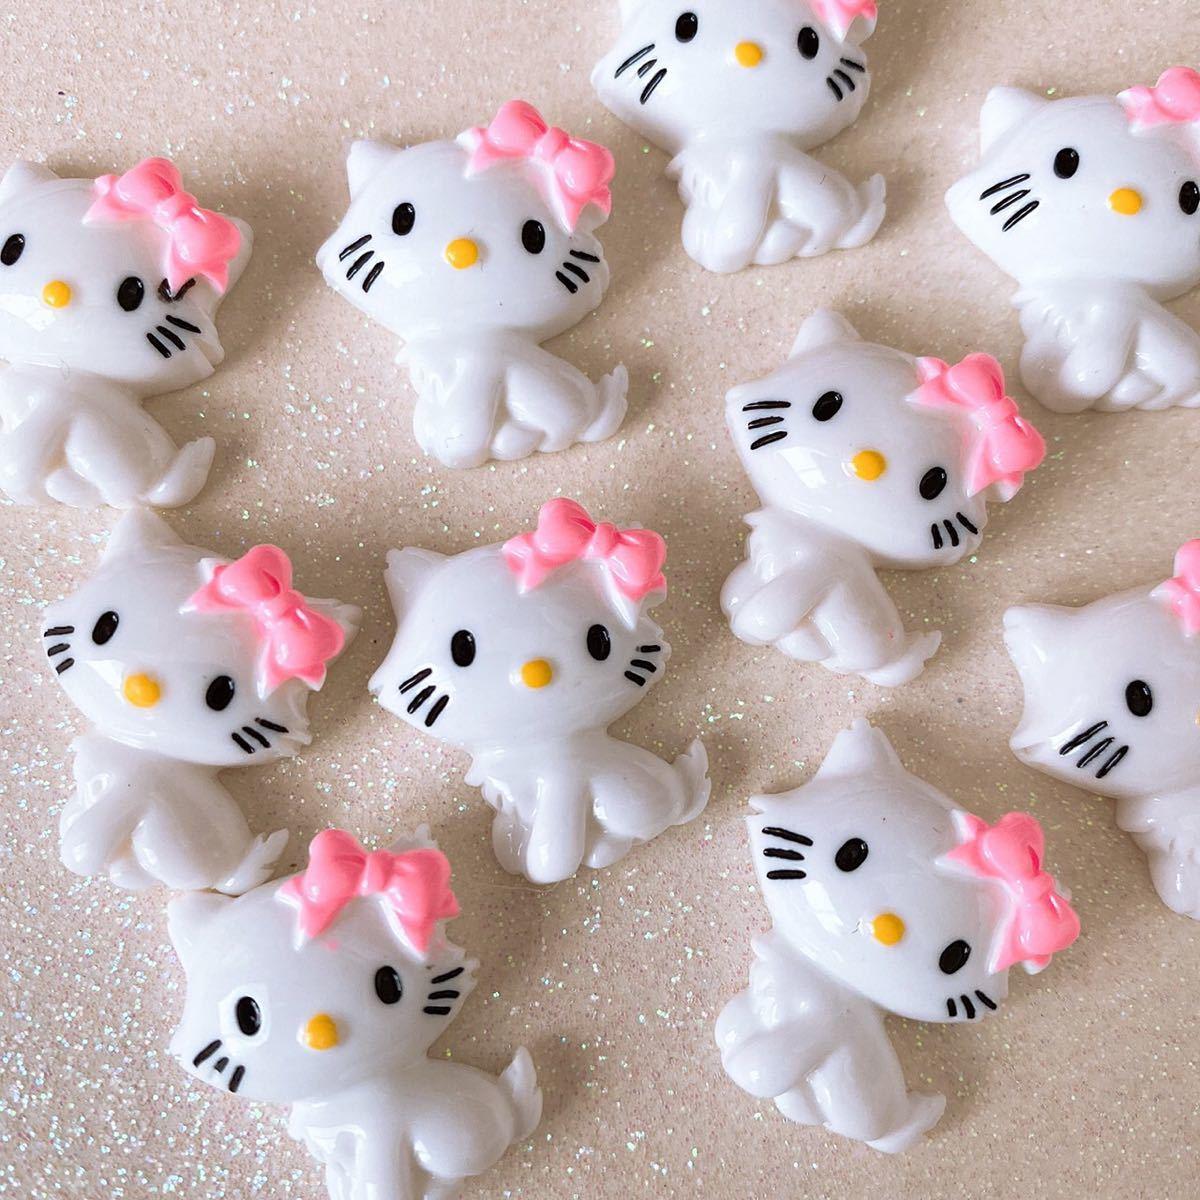 デコパーツ 猫デコパーツ10個セット 数量限定 まとめ売り